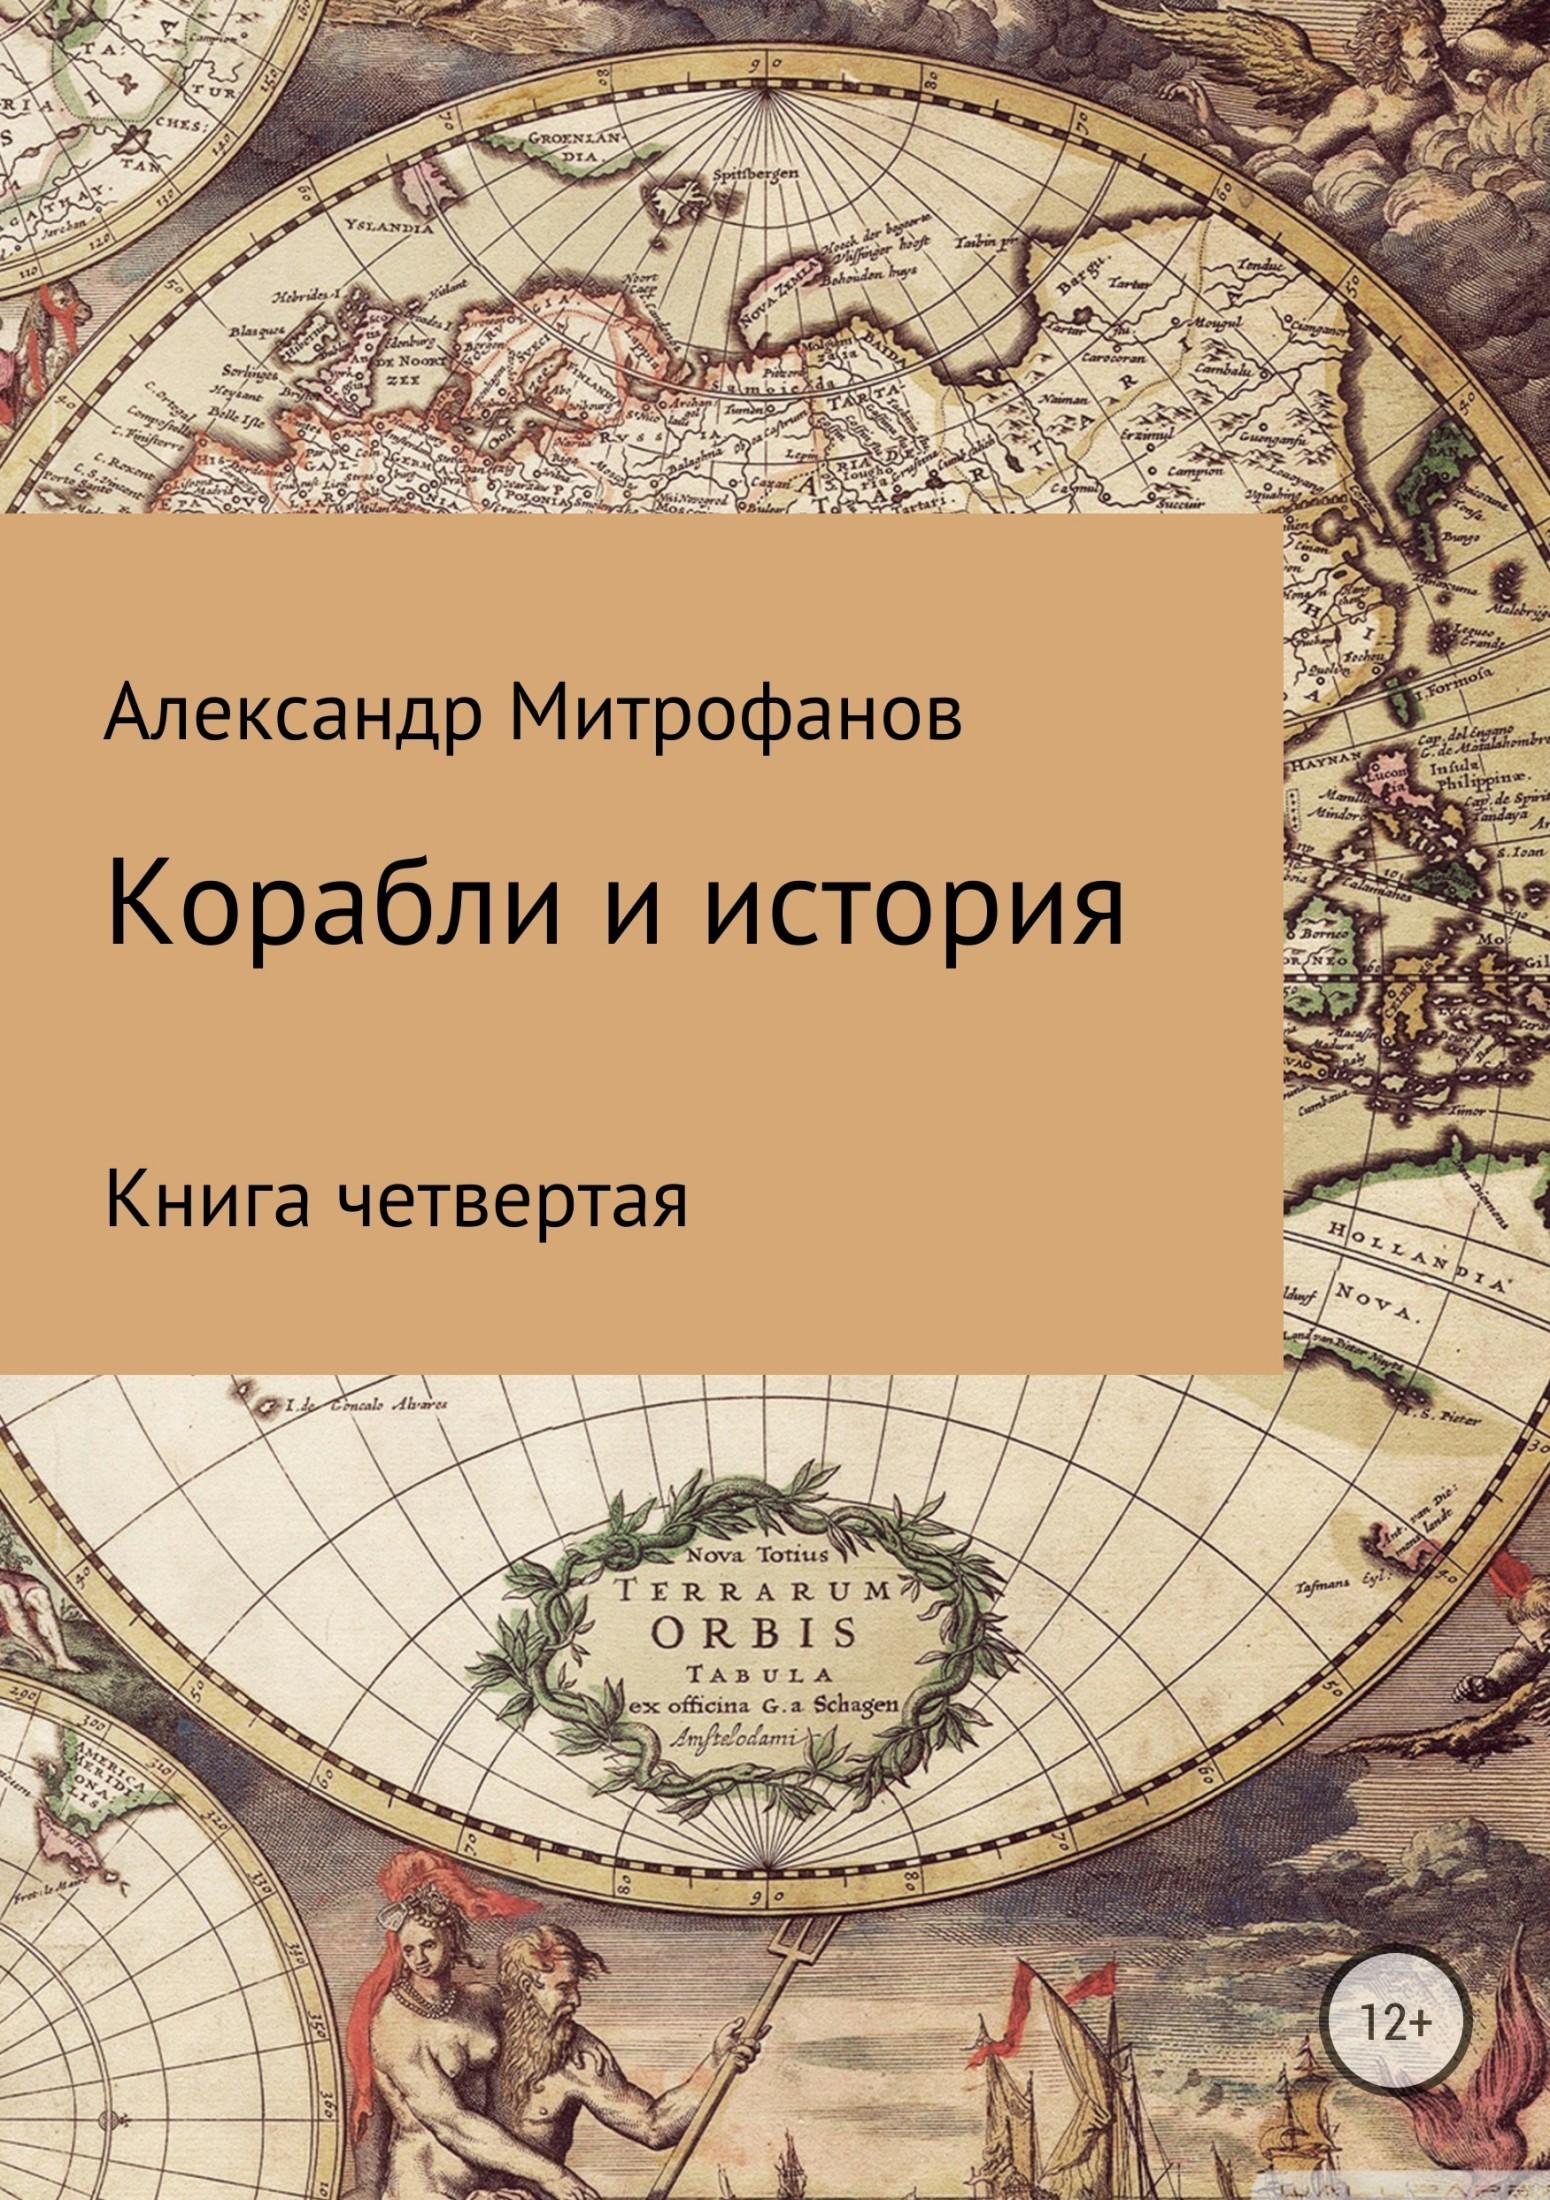 Александр Федорович Митрофанов Корабли и история. Книга четвертая